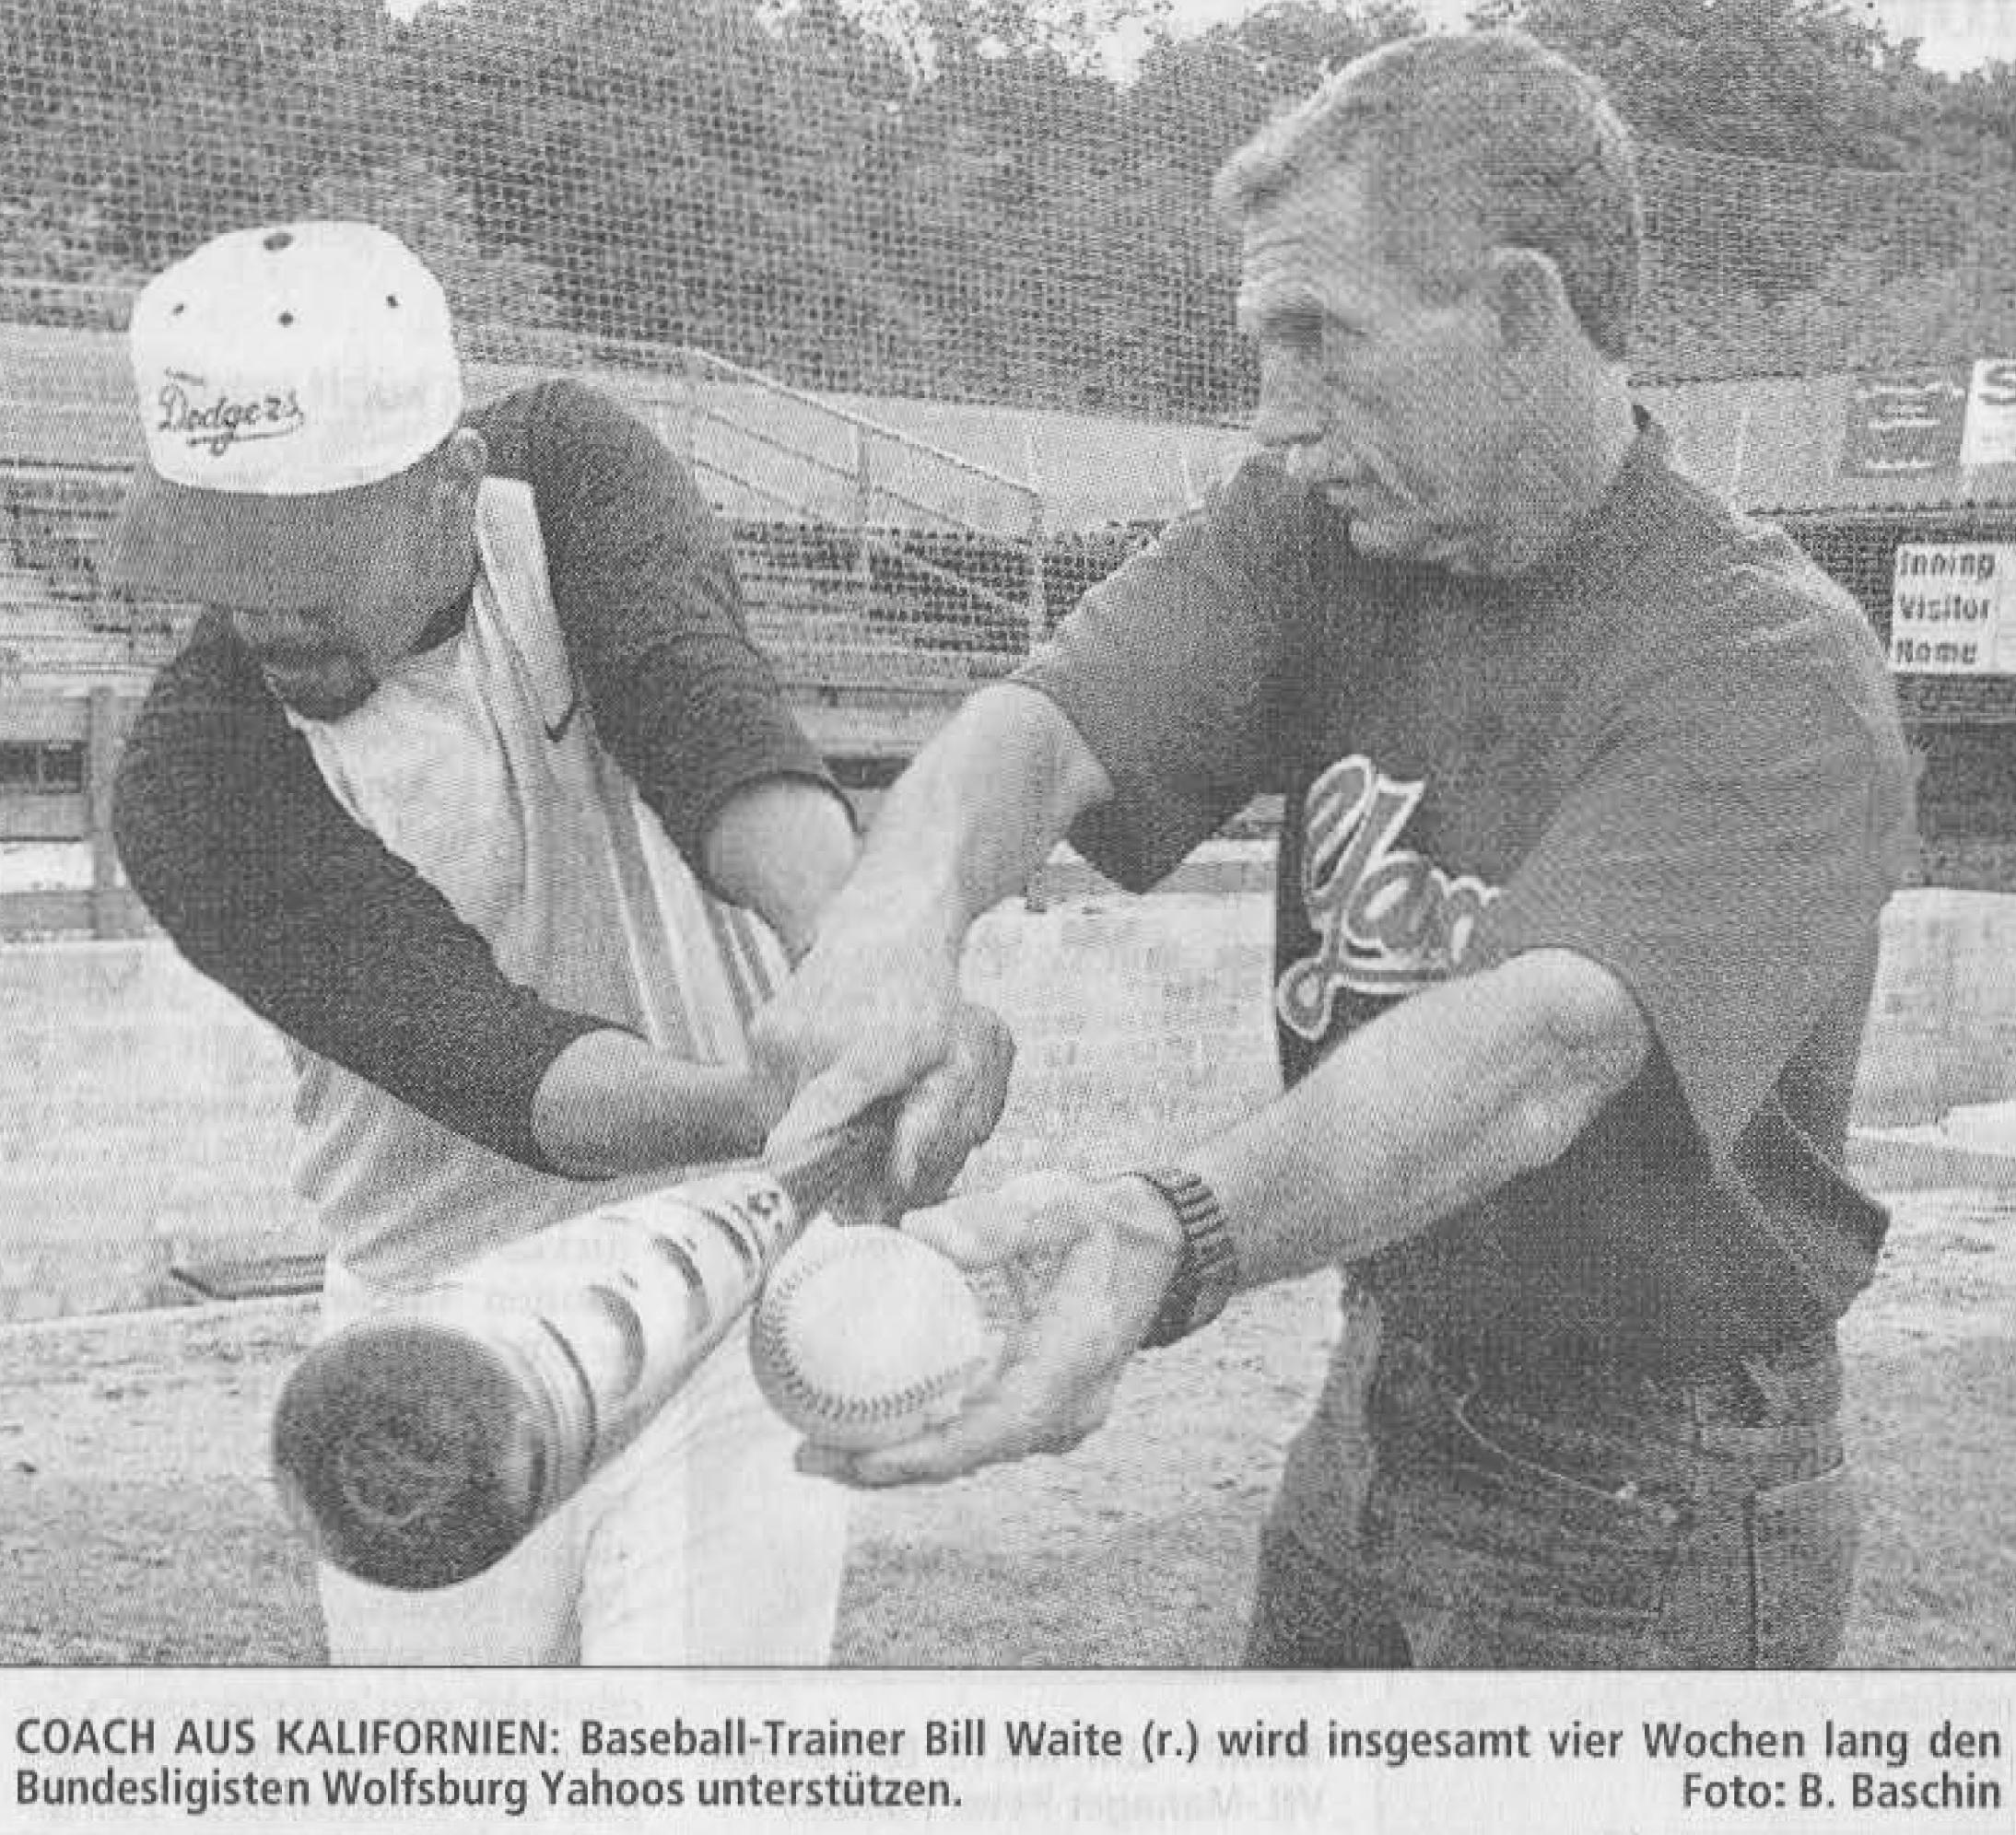 COACH AUS KALIFORNIEN: Baseball-Trainer Bill Waite (r.) wird insgesamt vier Wochen lang den Bundesligisten Wolfsburg Yahoos unterstützen. Foto: B. Baschin